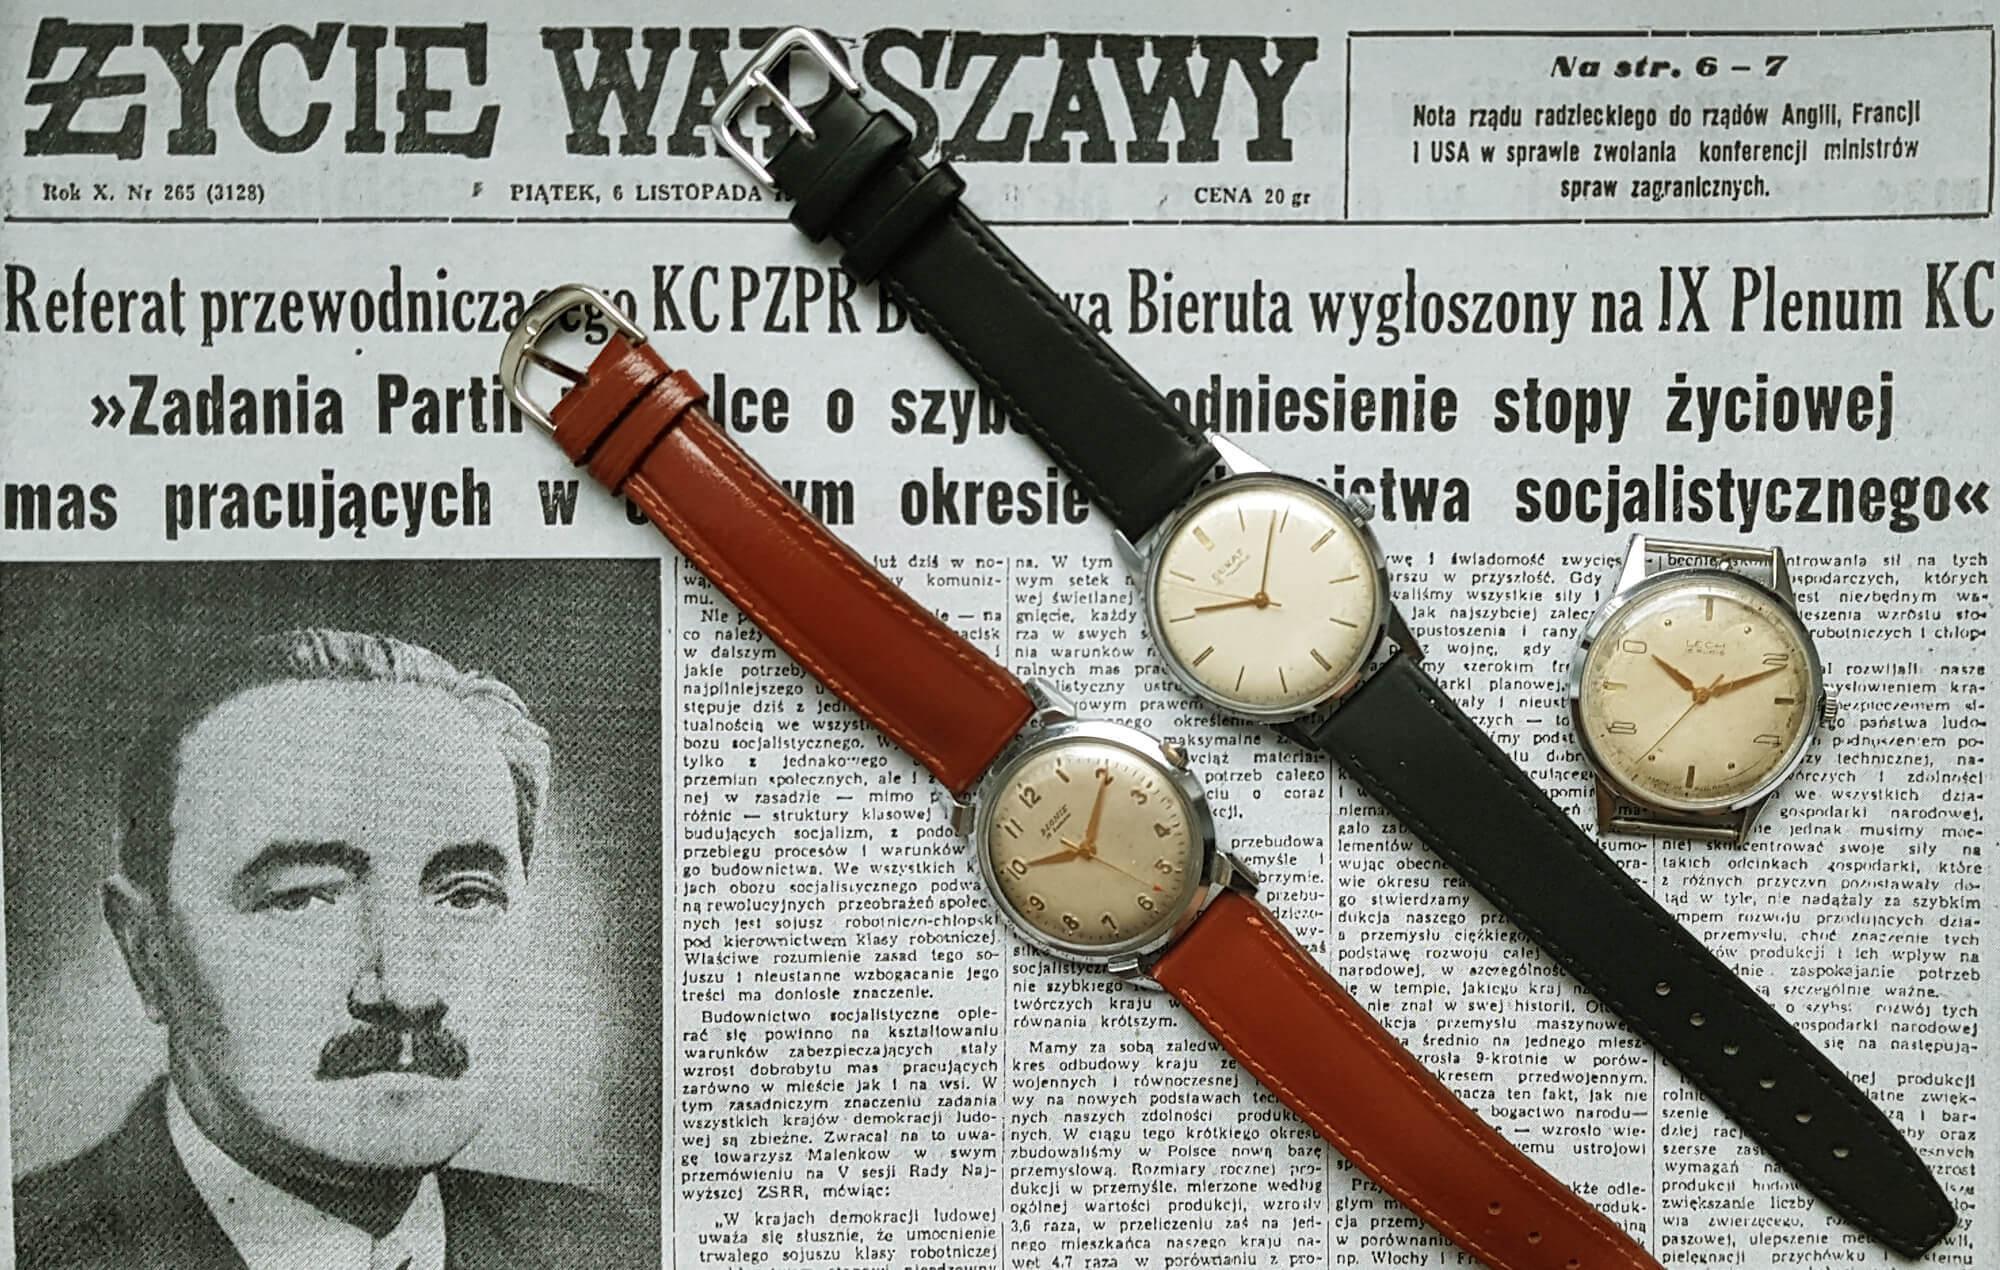 Radość z Błoni. Błonie 1959 - 1969